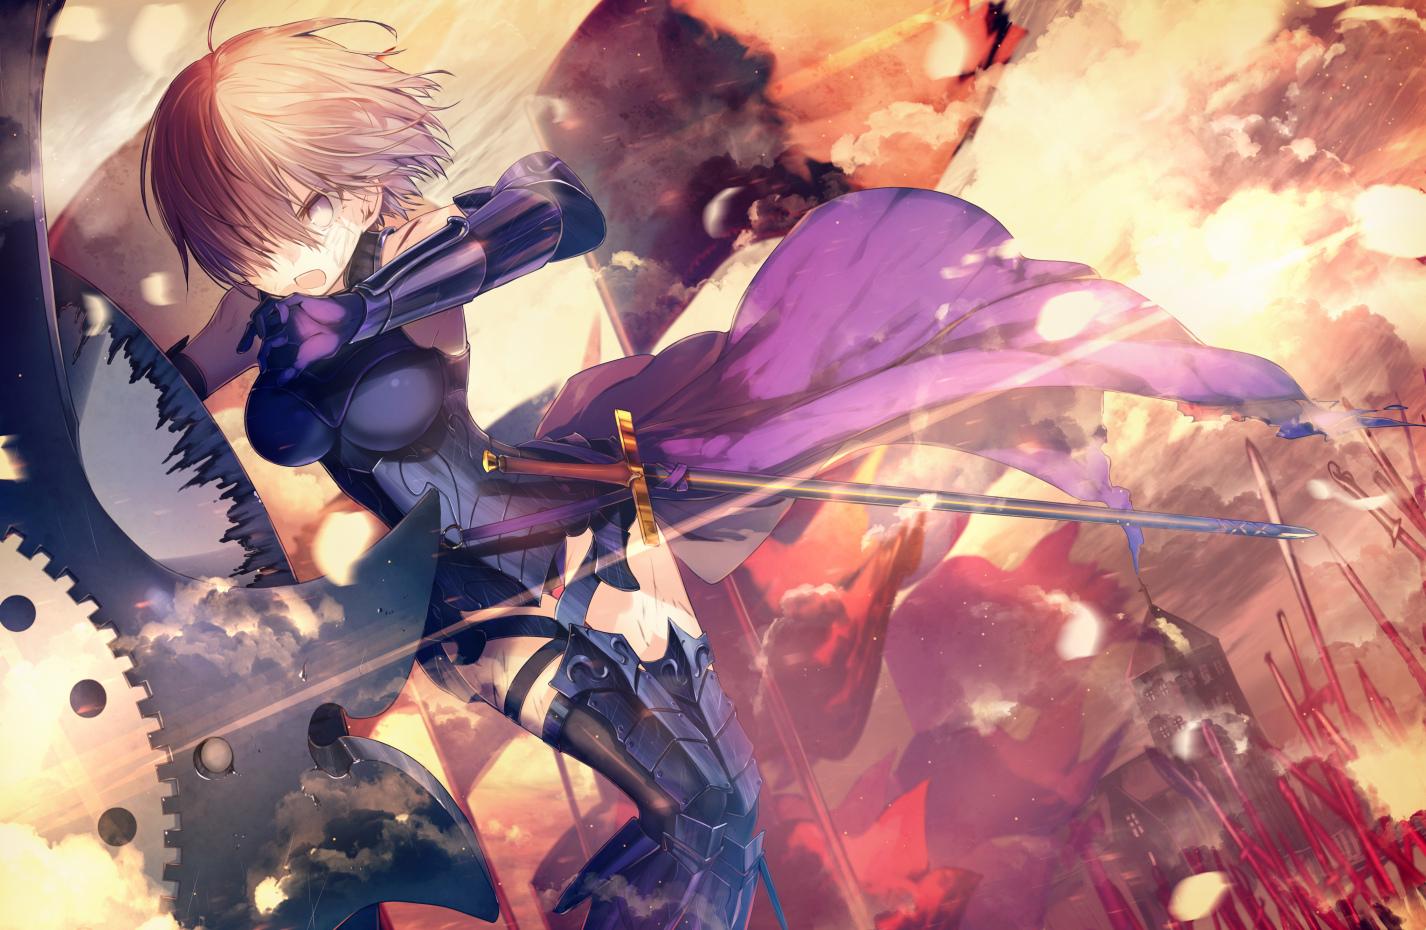 盾娘,玛修,Fate/Grand Order